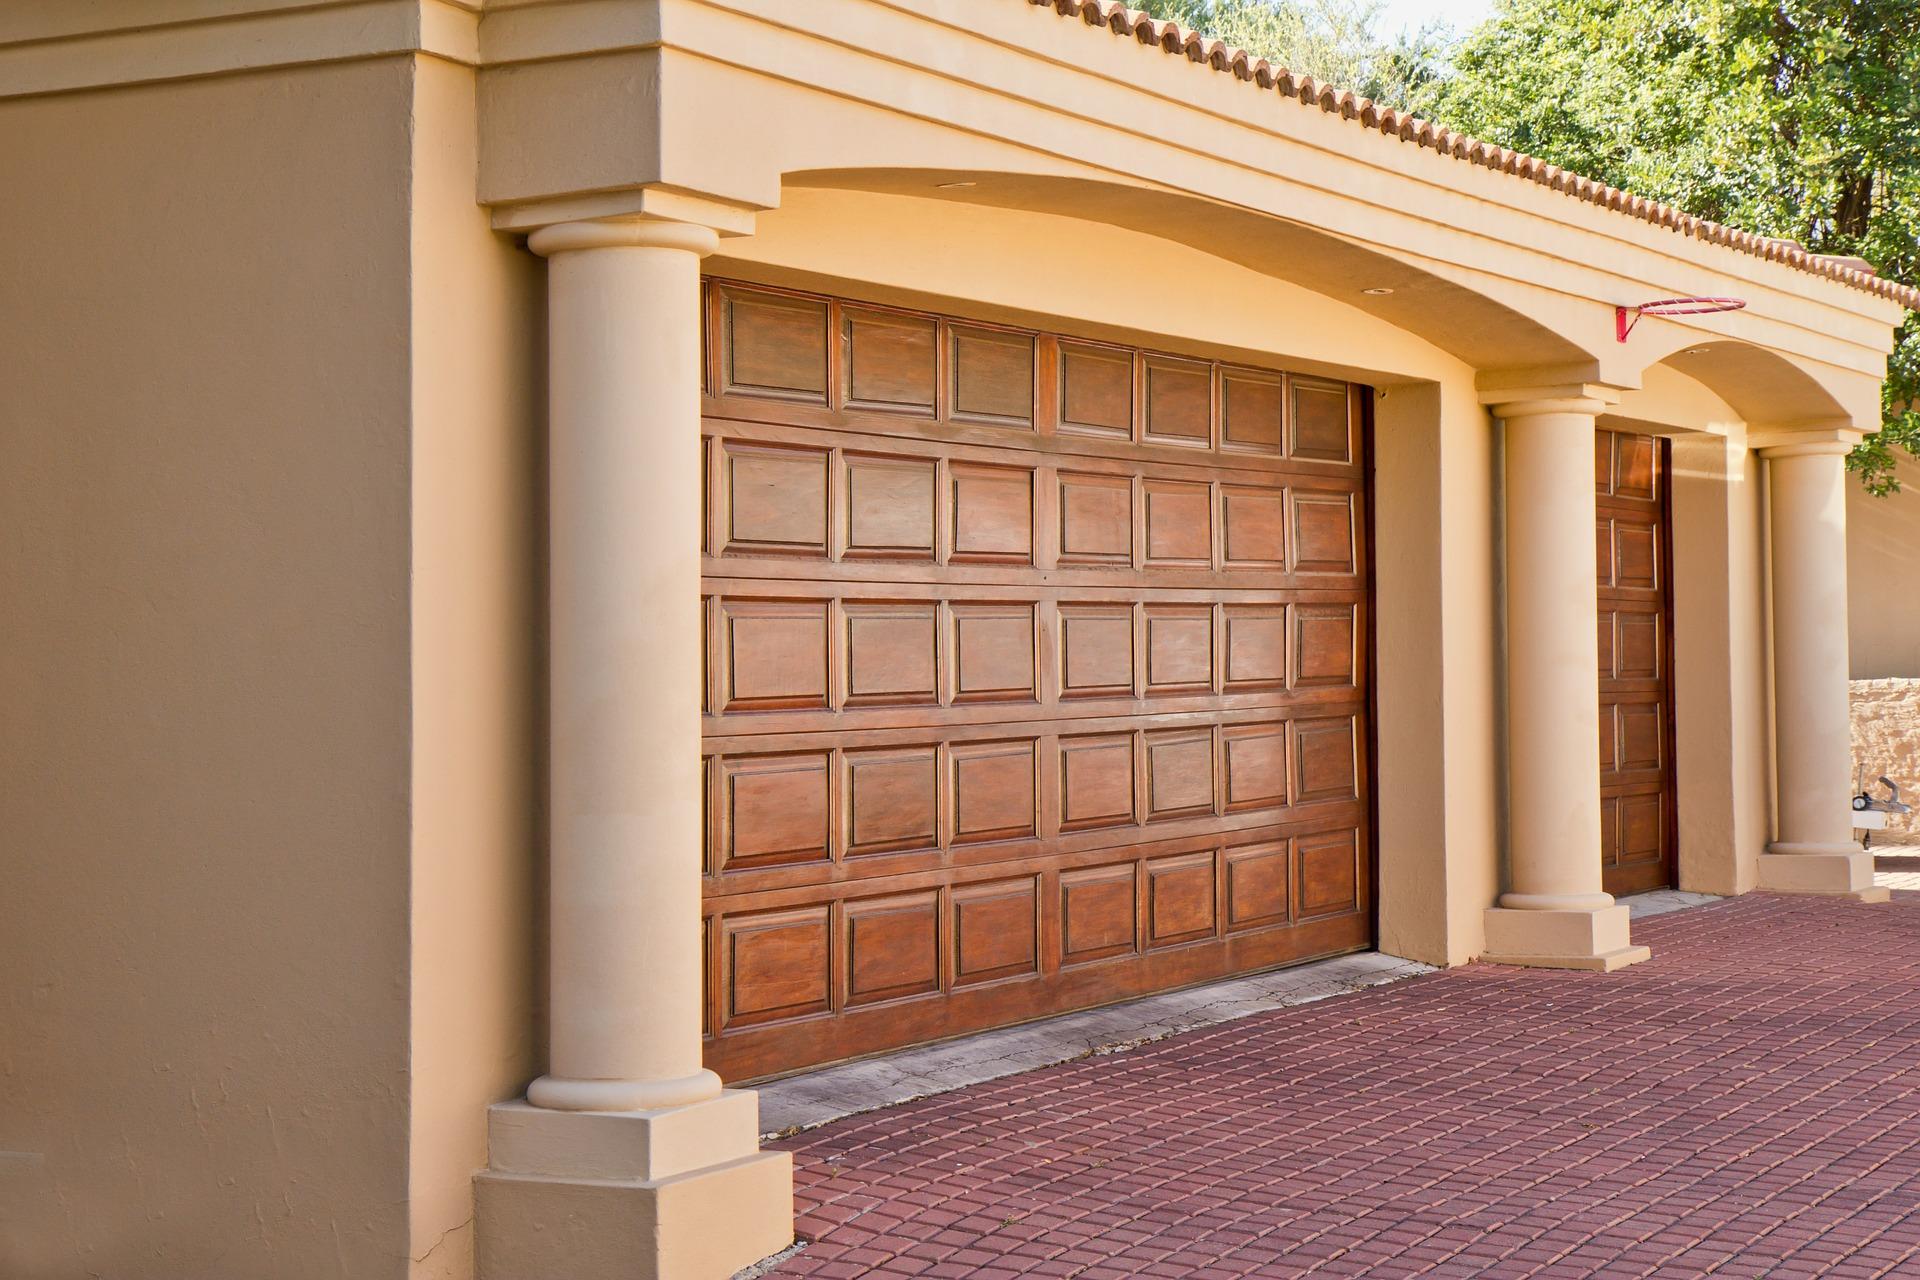 Good #9D6B2E Of An Old Garage Door ⋆ Neighborhood Garage Door Repair U0026 Service Garage  Door. Garage Door Opener Repair In Stamford Ct